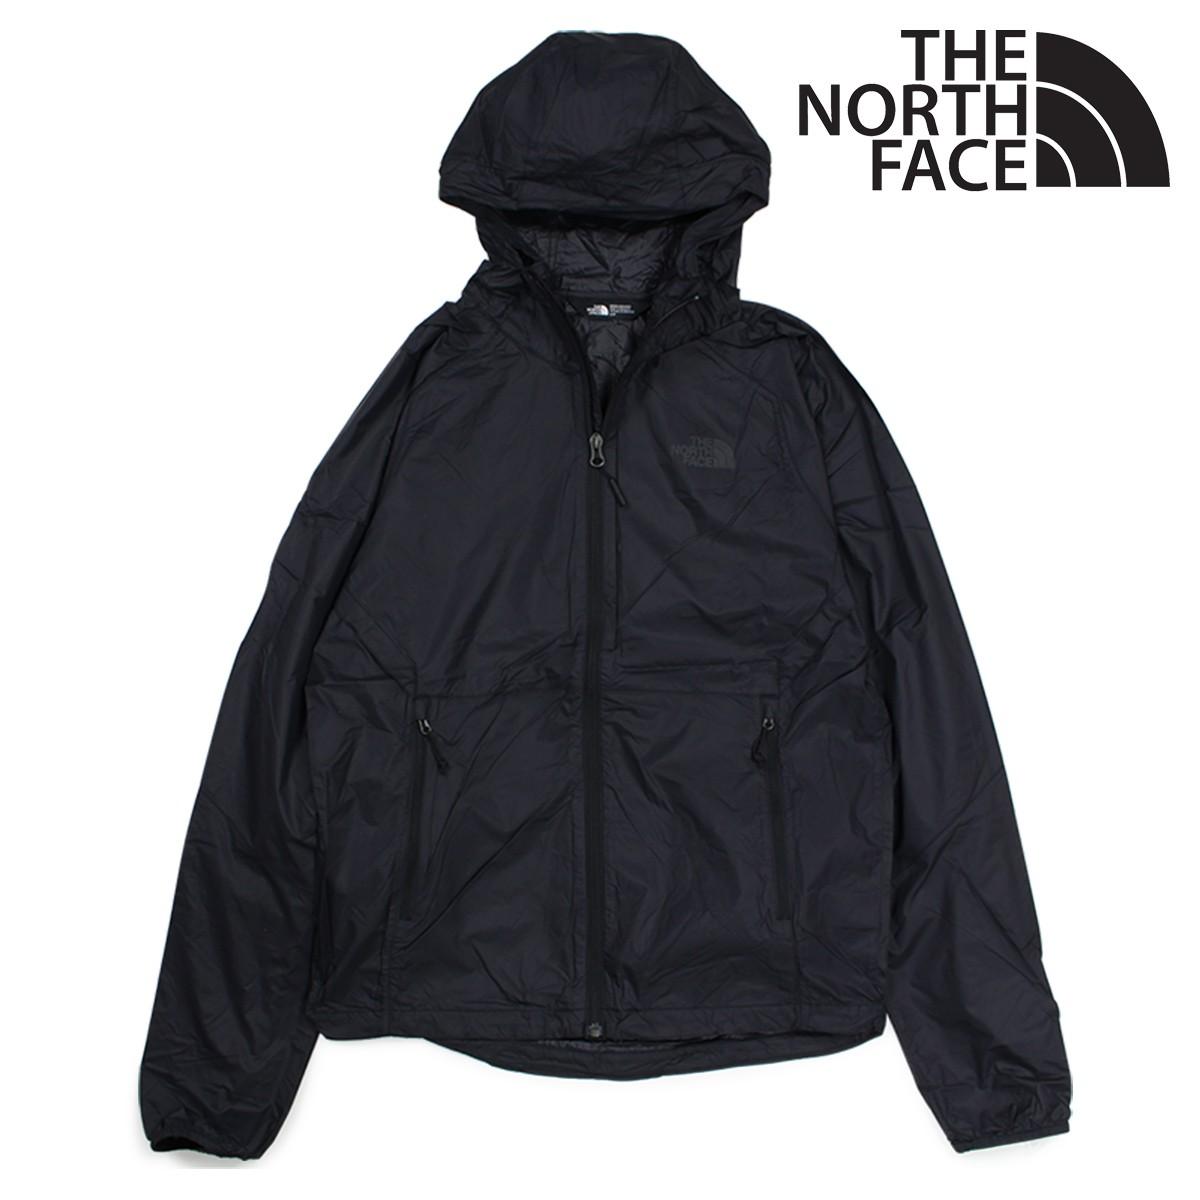 THE NORTH FACE MENS FLYWEIGHT HOODIE ノースフェイス ジャケット マウンテンパーカー メンズ ブラック NF0A3C6R [3/7 新入荷] [183]